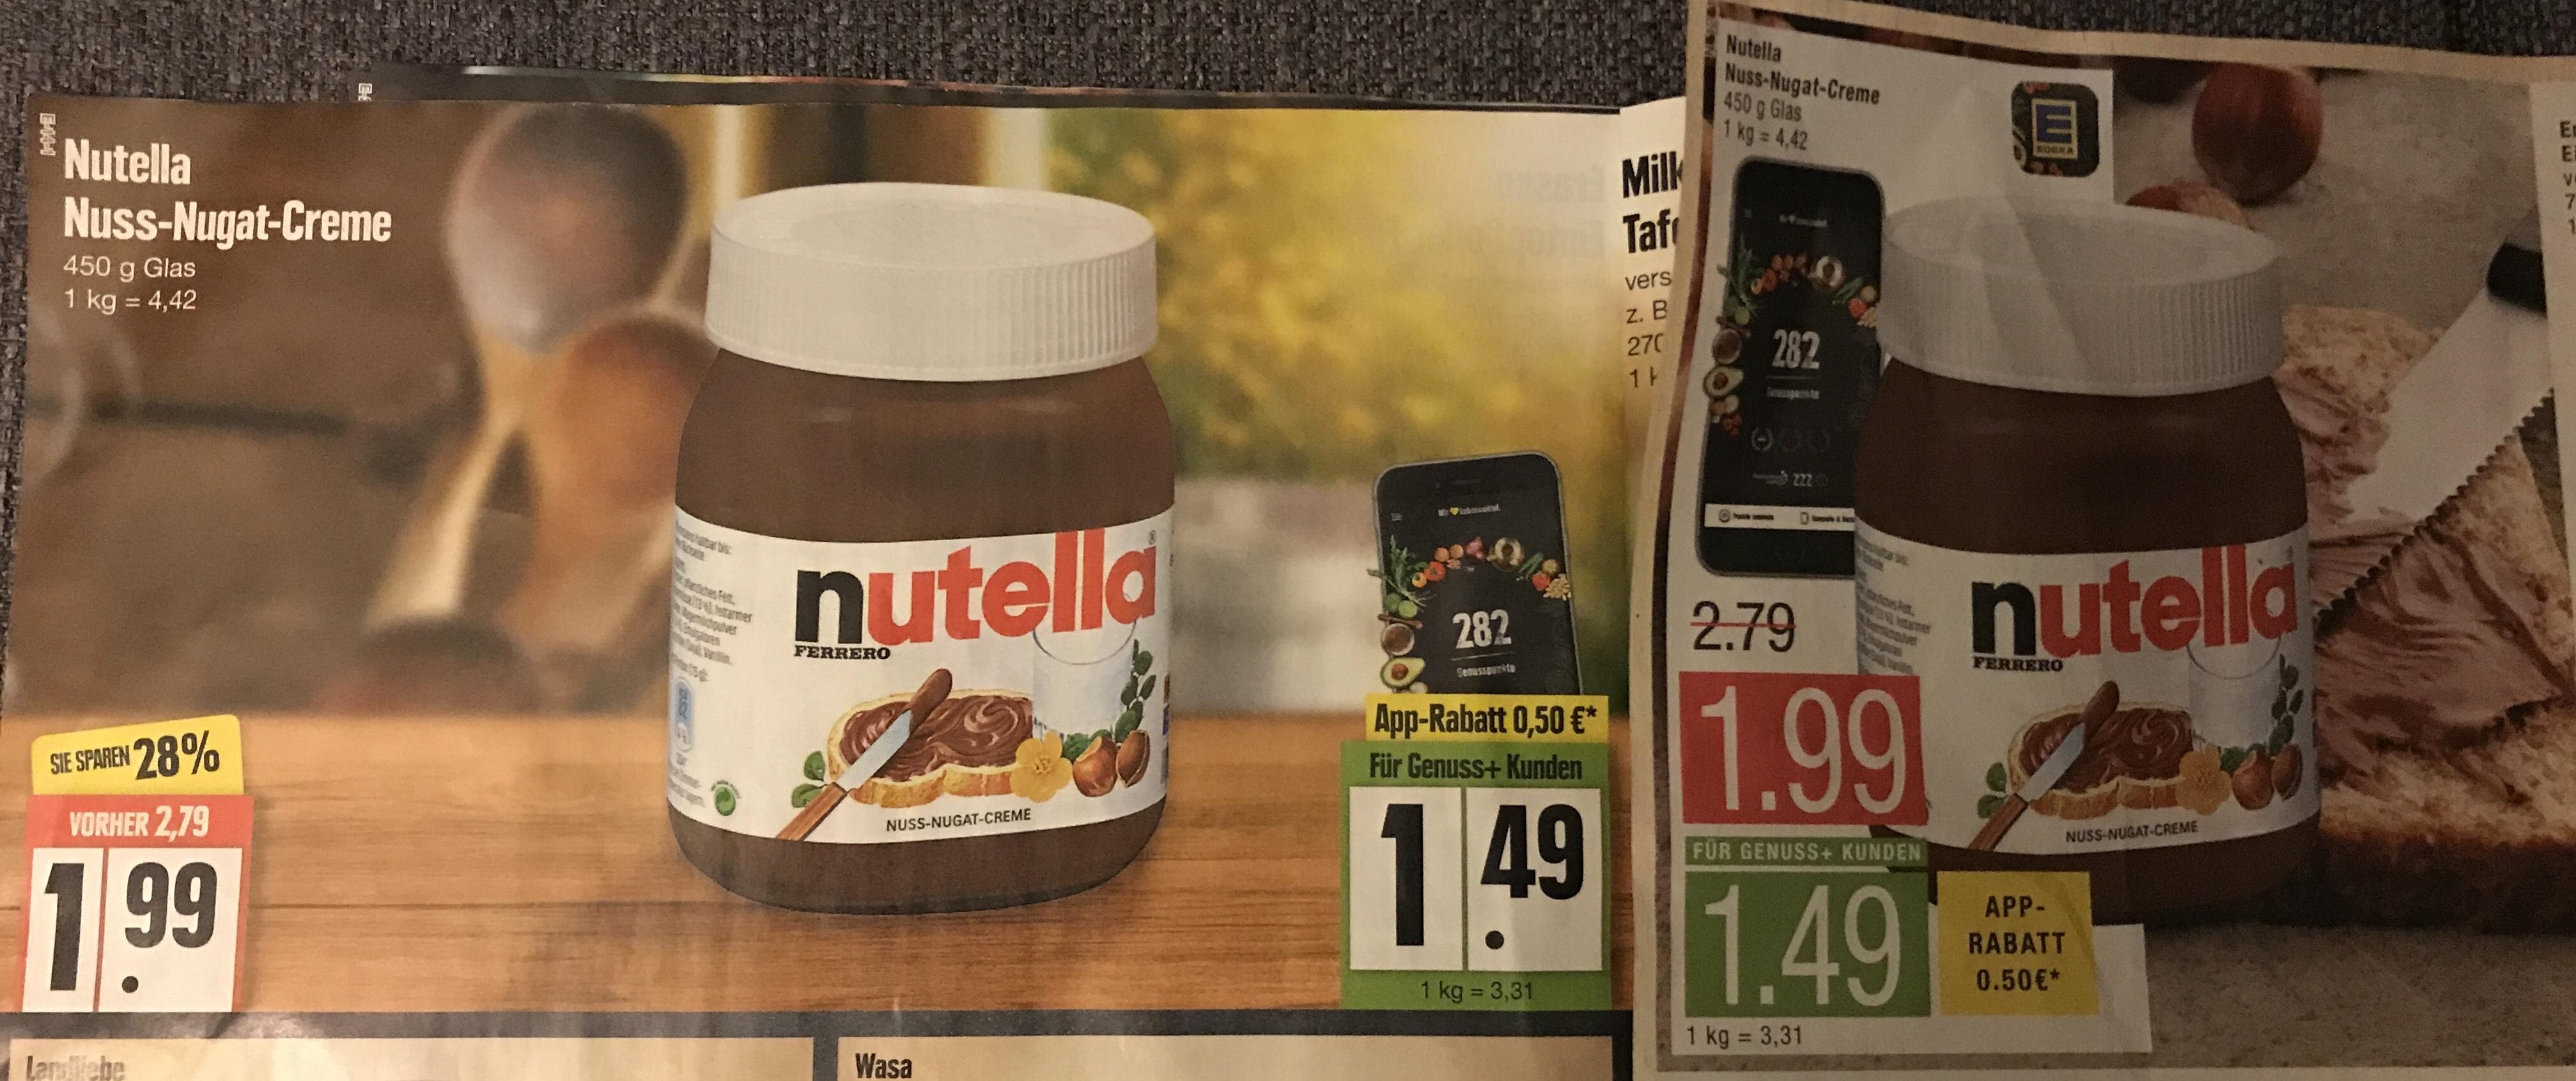 [Edeka/Marktkauf Hamburg] Nutella 450g Glas für 1,49€ (3,31€/kg) und ab 5€ gratis Leberwurst